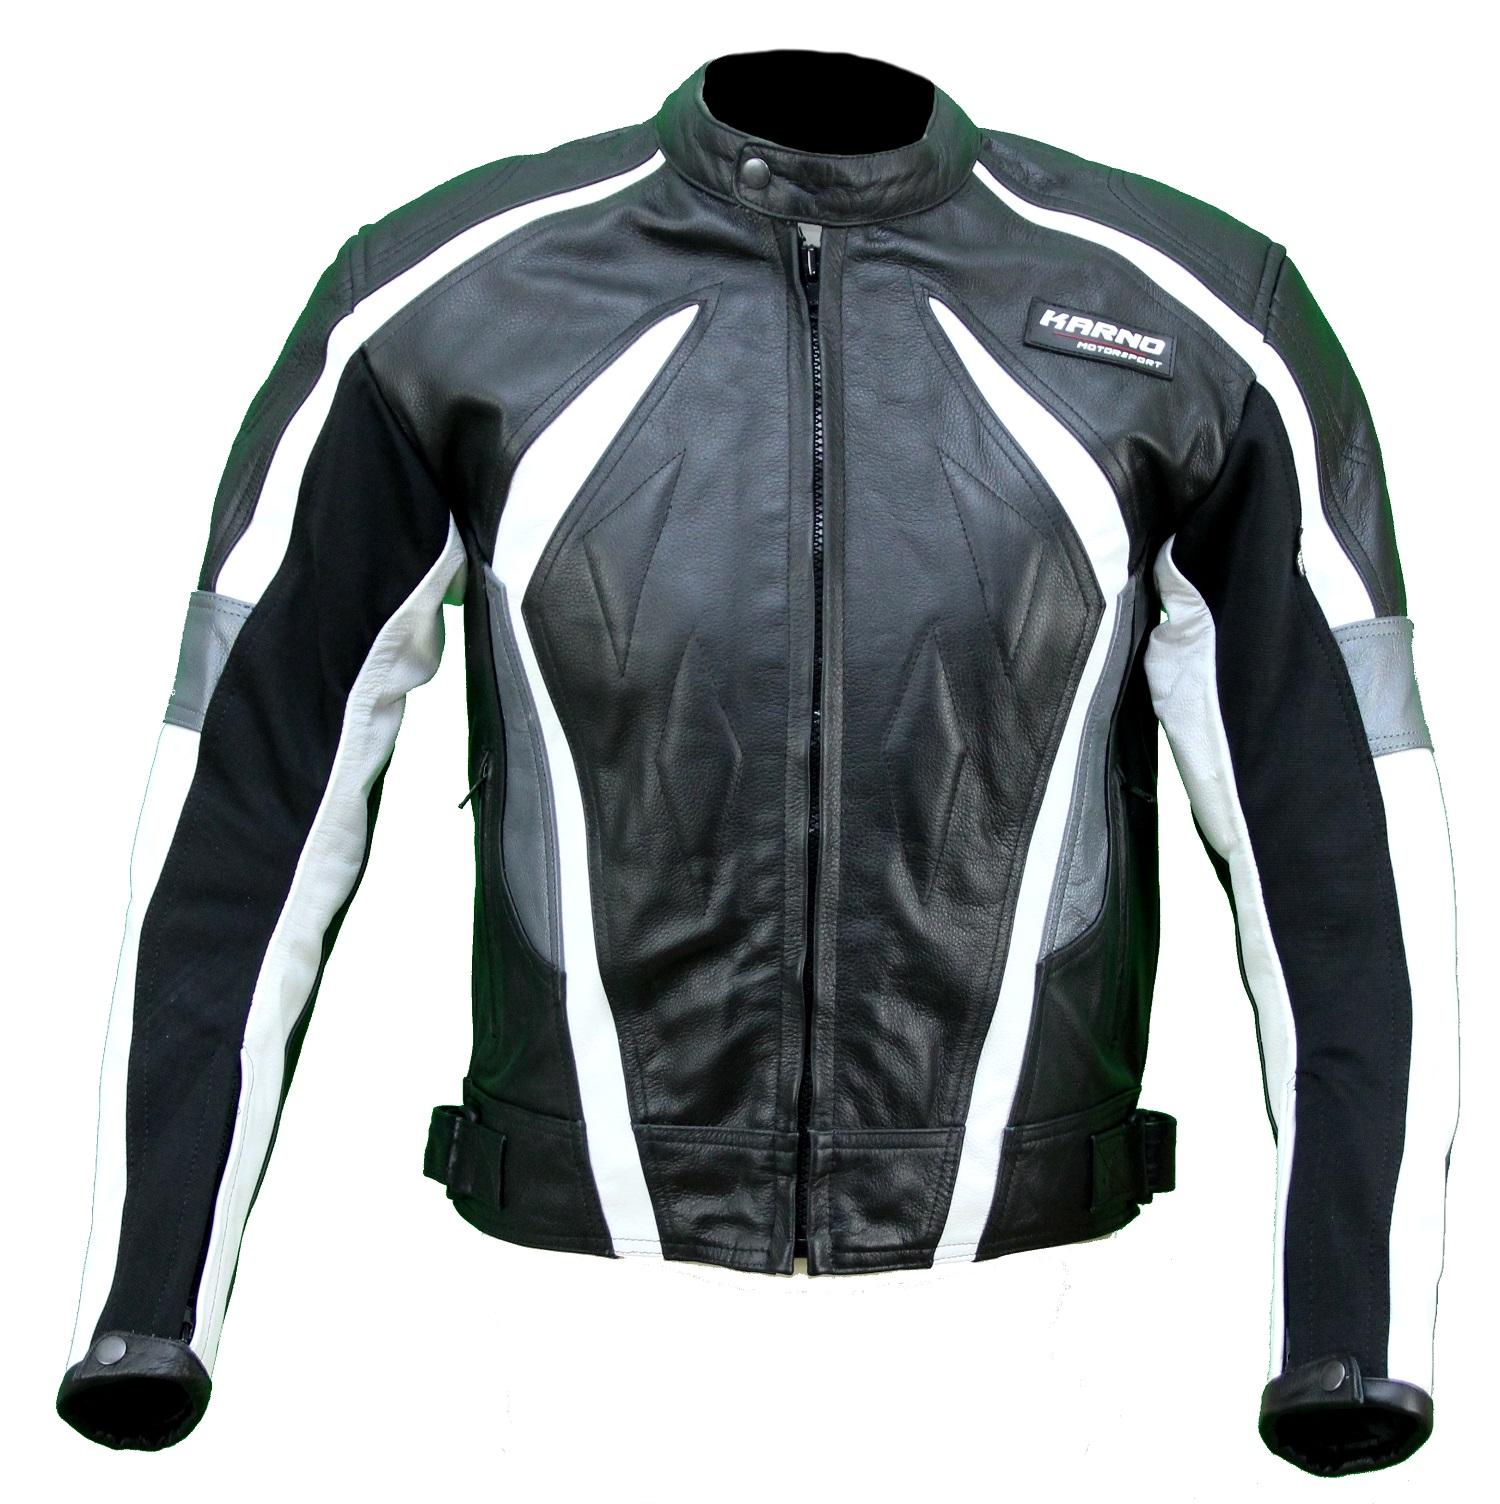 kc022 blouson veste cuir moto quad noir karno motorsport. Black Bedroom Furniture Sets. Home Design Ideas